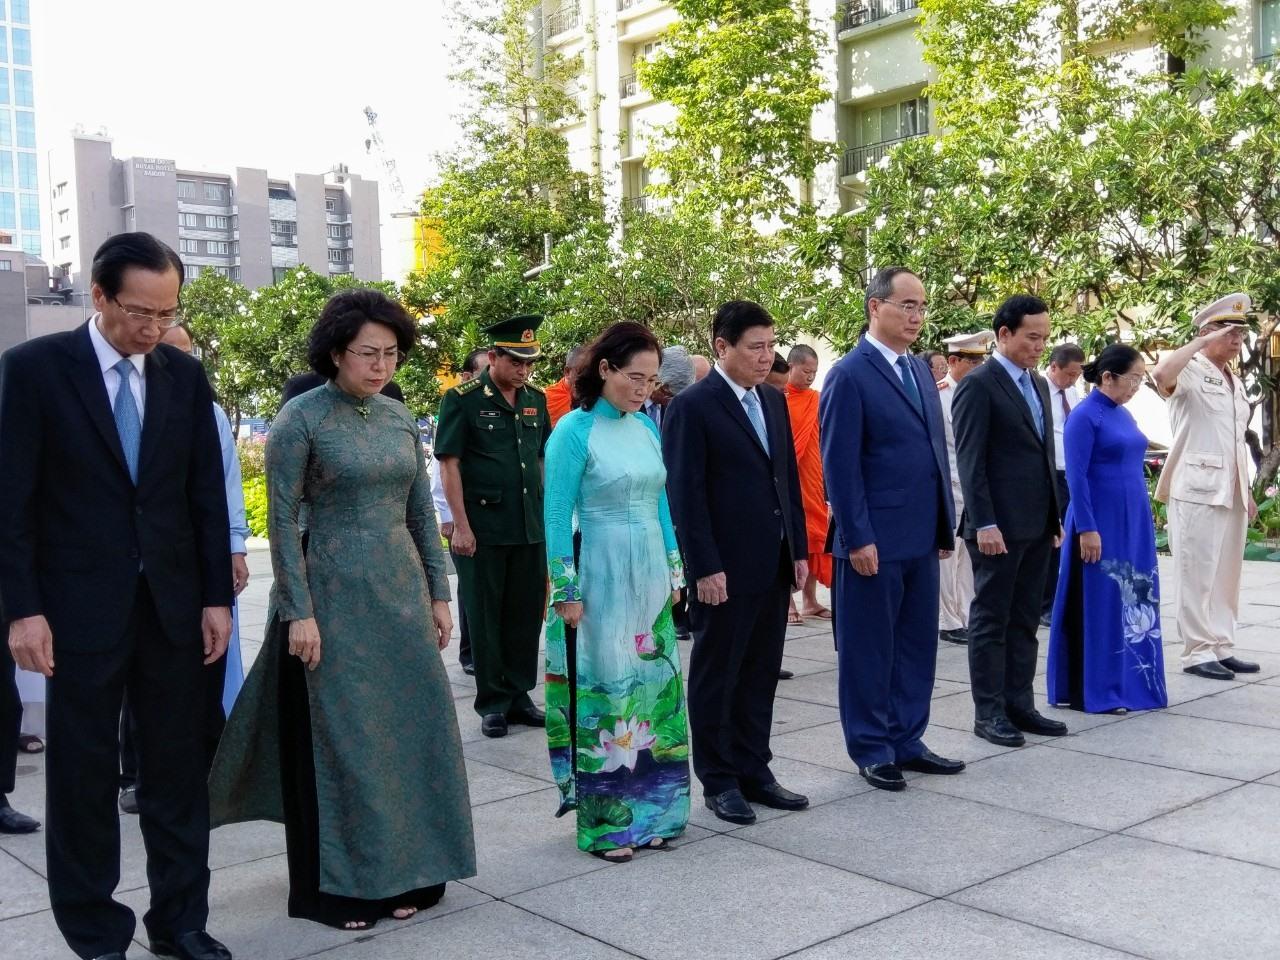 Trong không khí trang nghiêm, đoàn đại biểu dành 1 phút mặc niệm tưởng nhớ Chủ tịch Hồ Chí Minh.  Ảnh: Minh Quân